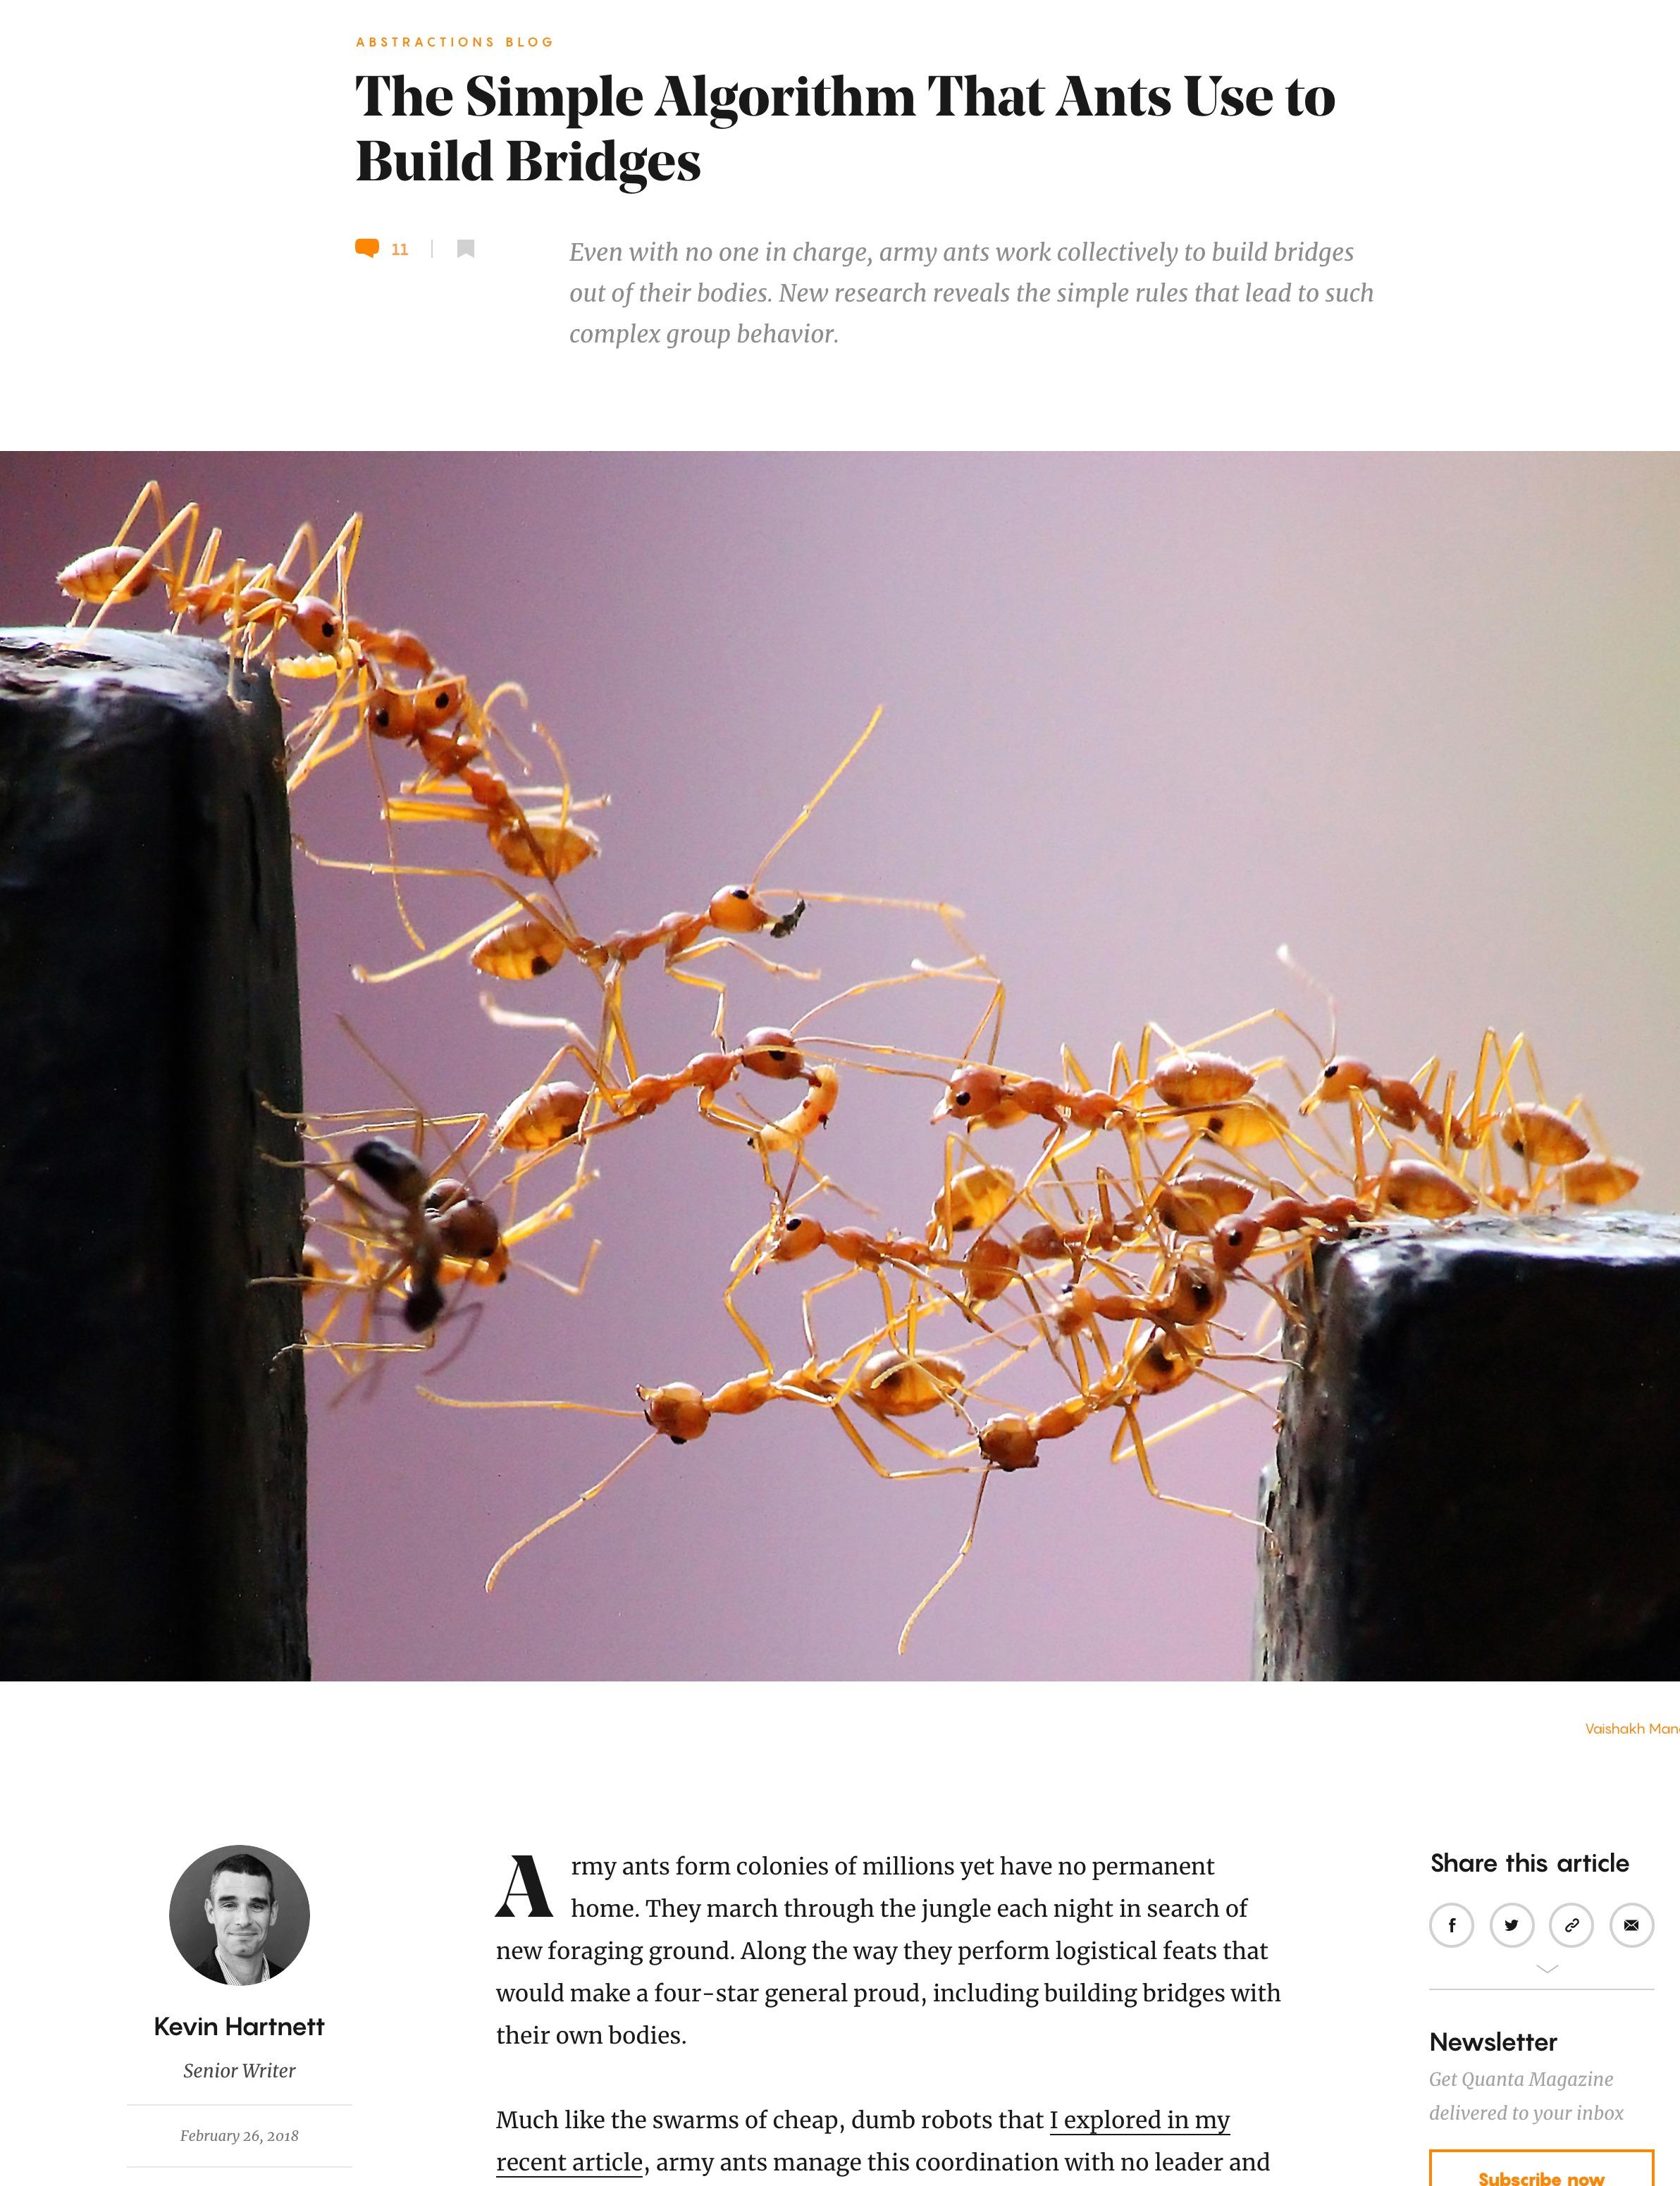 20180226_Ants.jpg